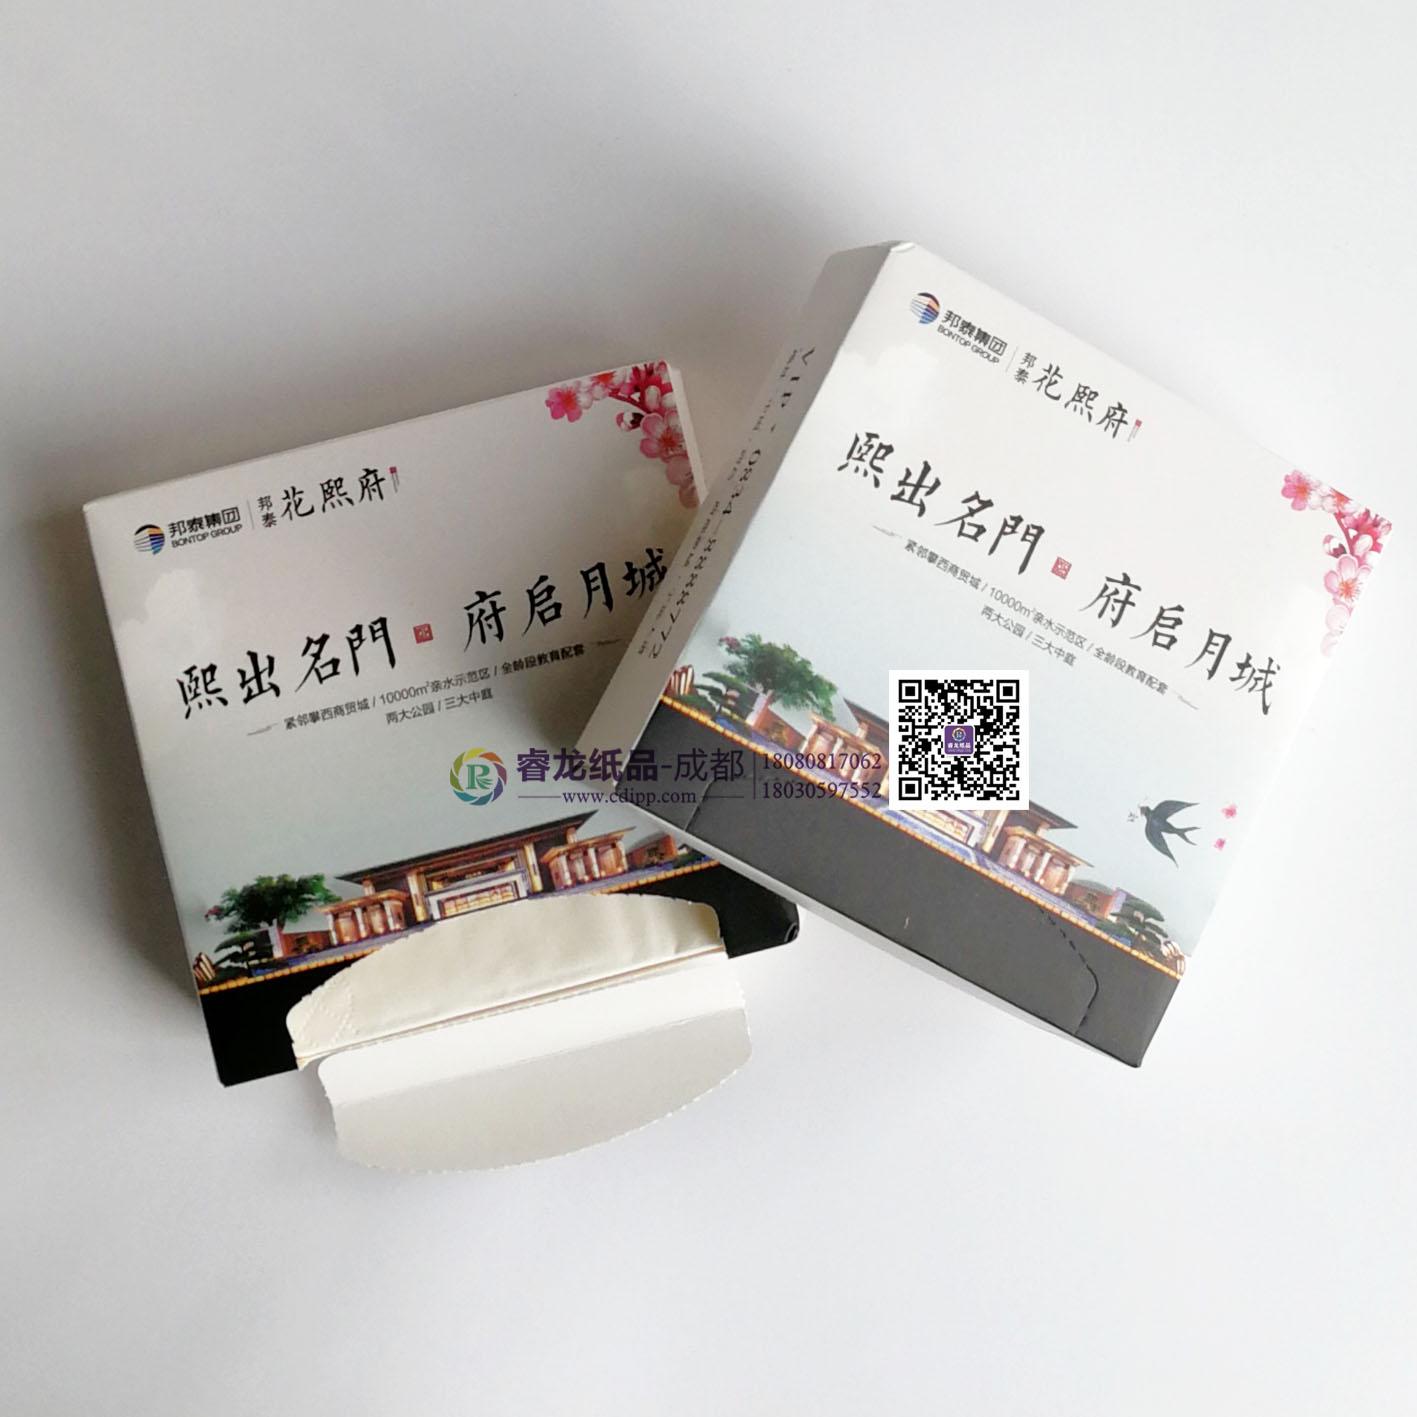 四川房地产宣传推广盒装纸巾定制180◥3059◥7552睿龙